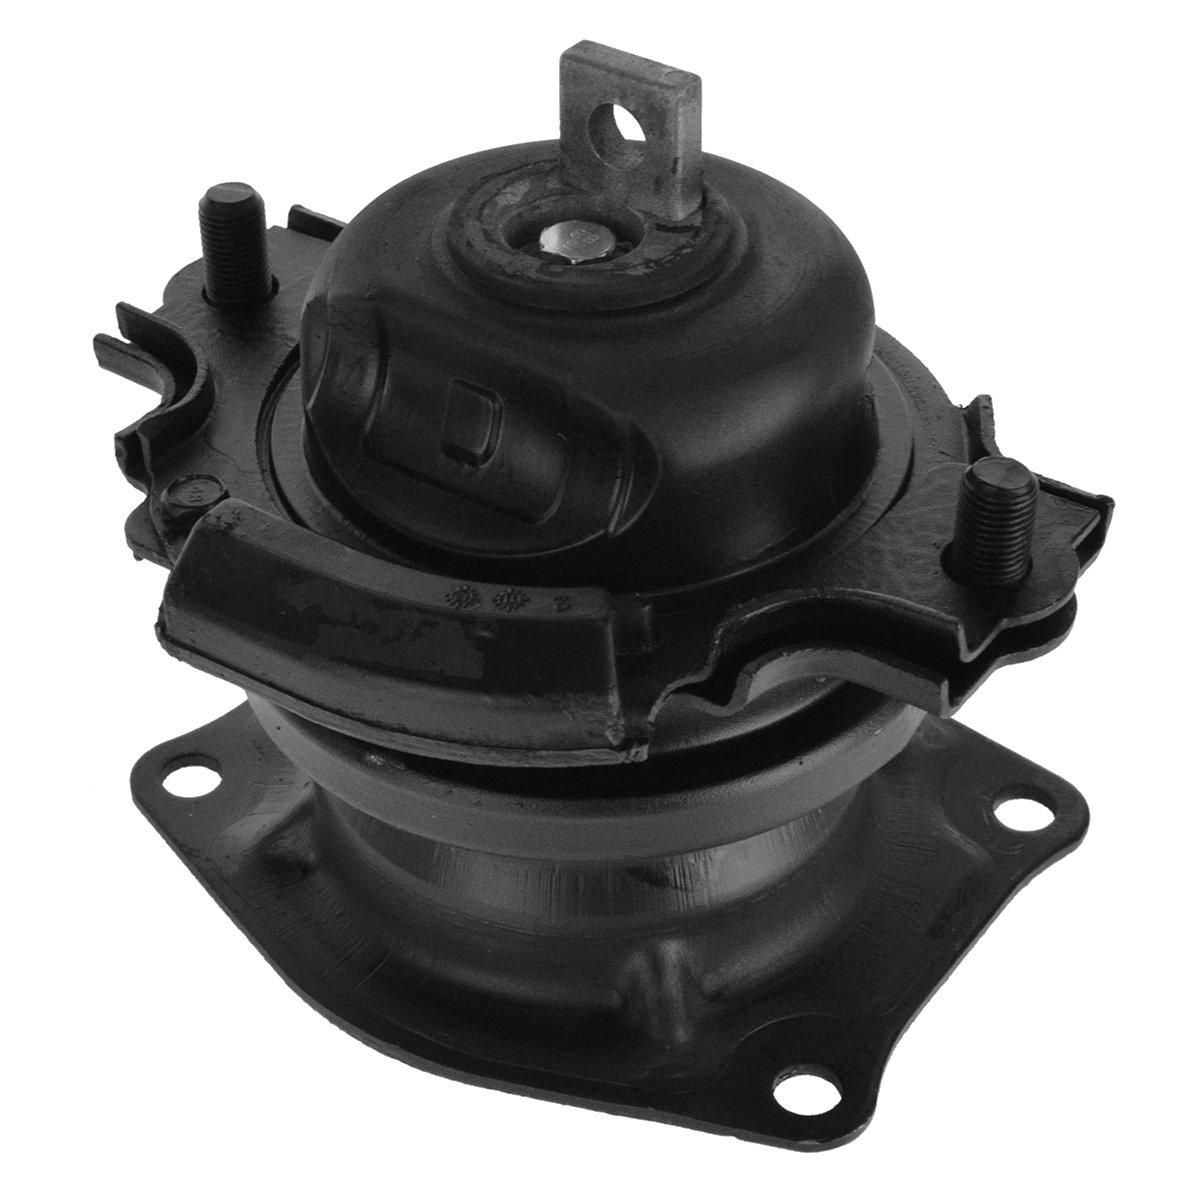 Engine /& Transmission Mount Kit Set of 5 for 05-06 Honda Odyssey EX-L Touring